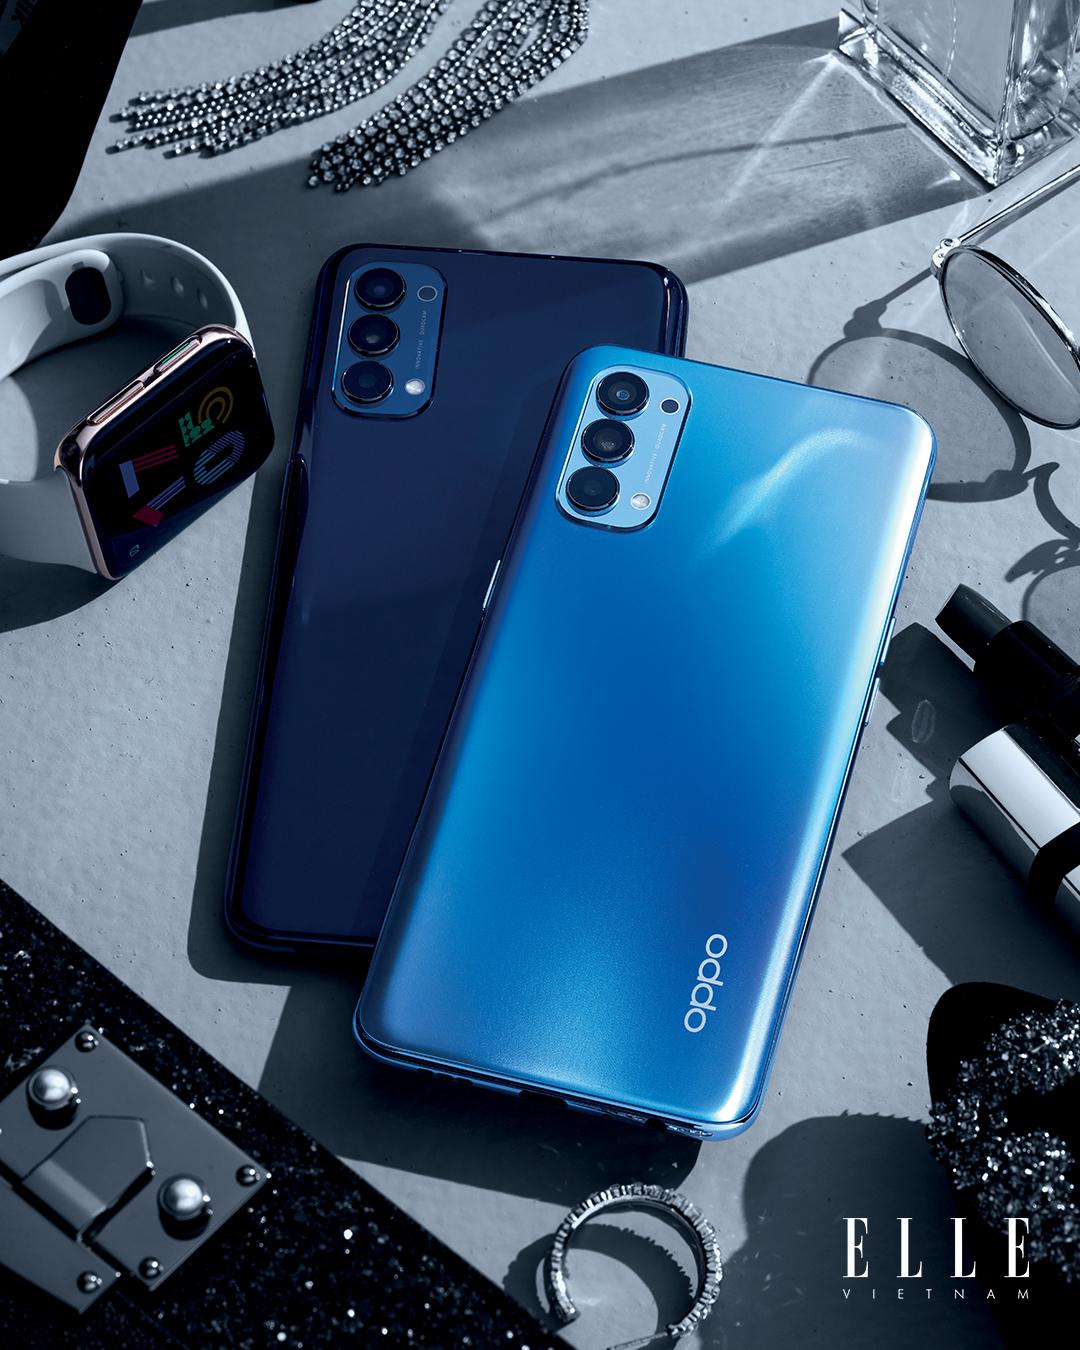 Điện thoại OPPO Reno 4 thời trang màu xanh dương